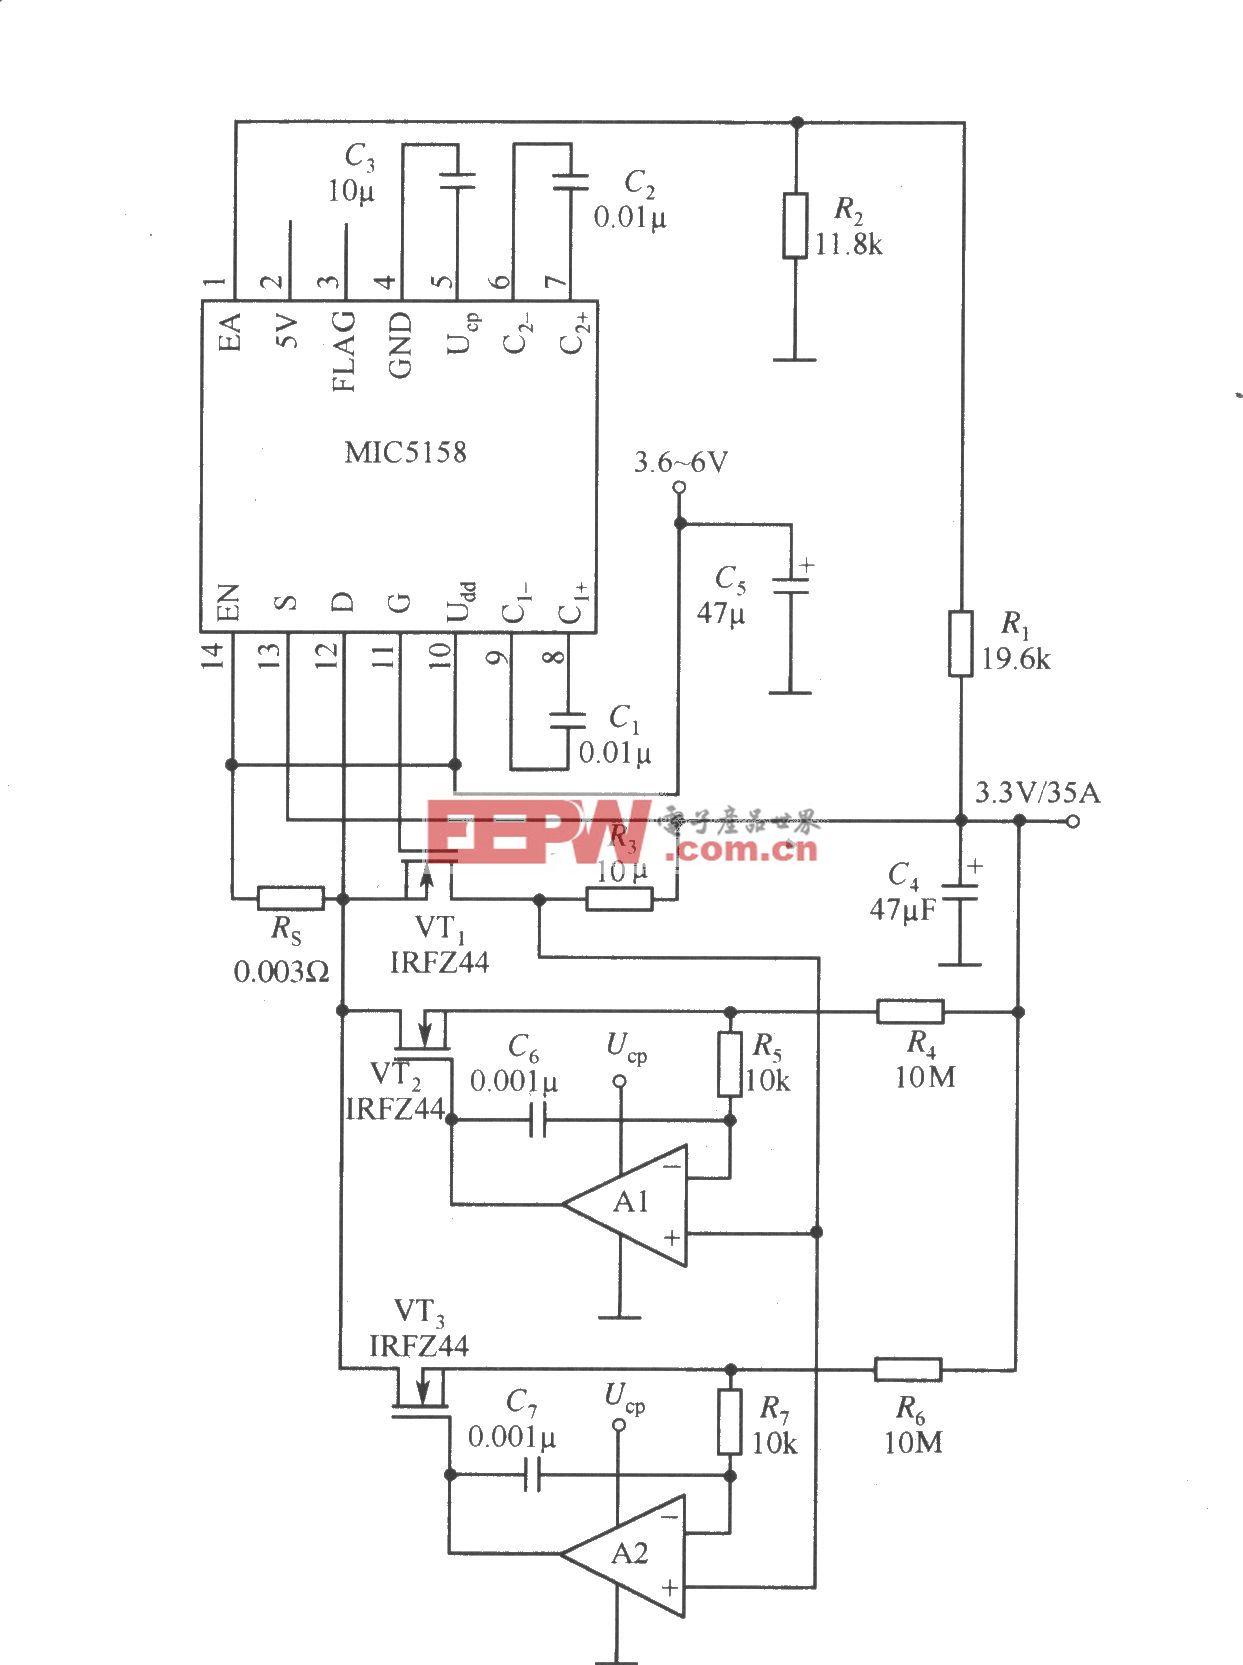 多个MOSFET管并联构成的大电流输出线性稳压器电路(MIC5158)